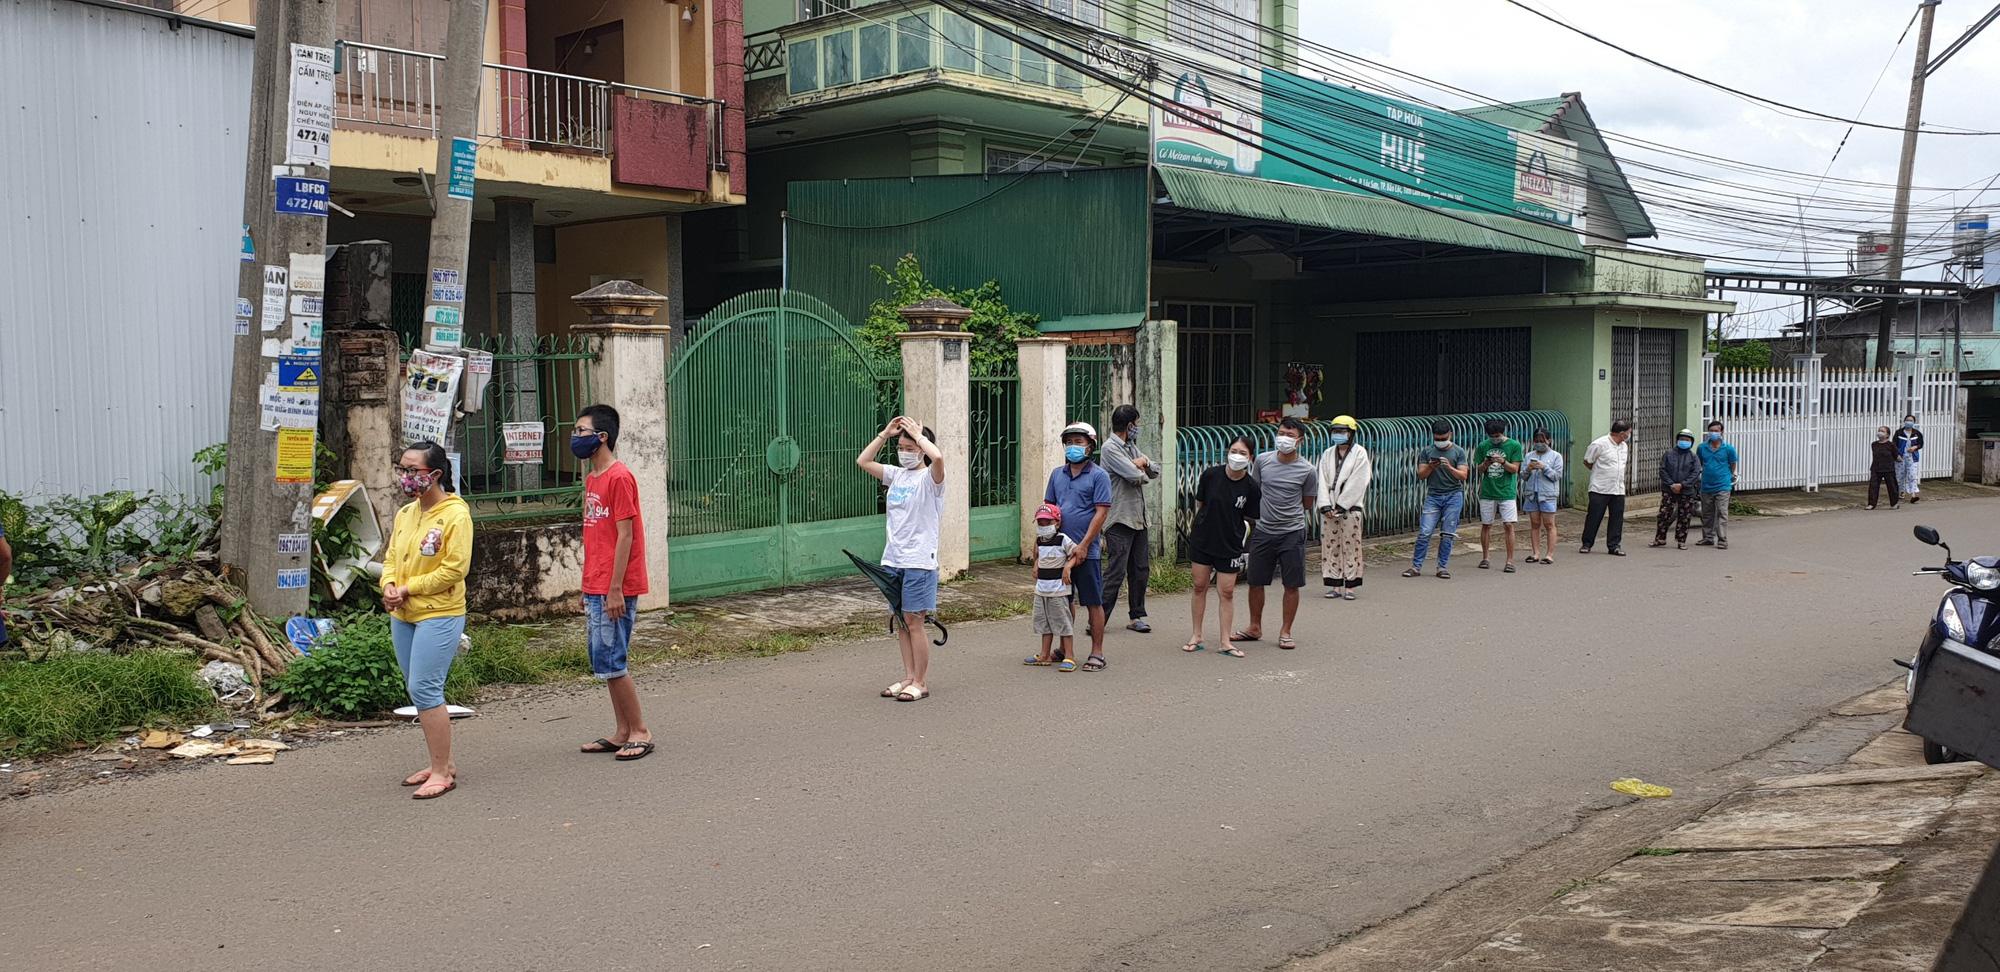 Lâm Đồng: Vận động người dân không ra khỏi nhà sau 21 giờ hôm trước đến 5 giờ sáng hôm sau - Ảnh 2.